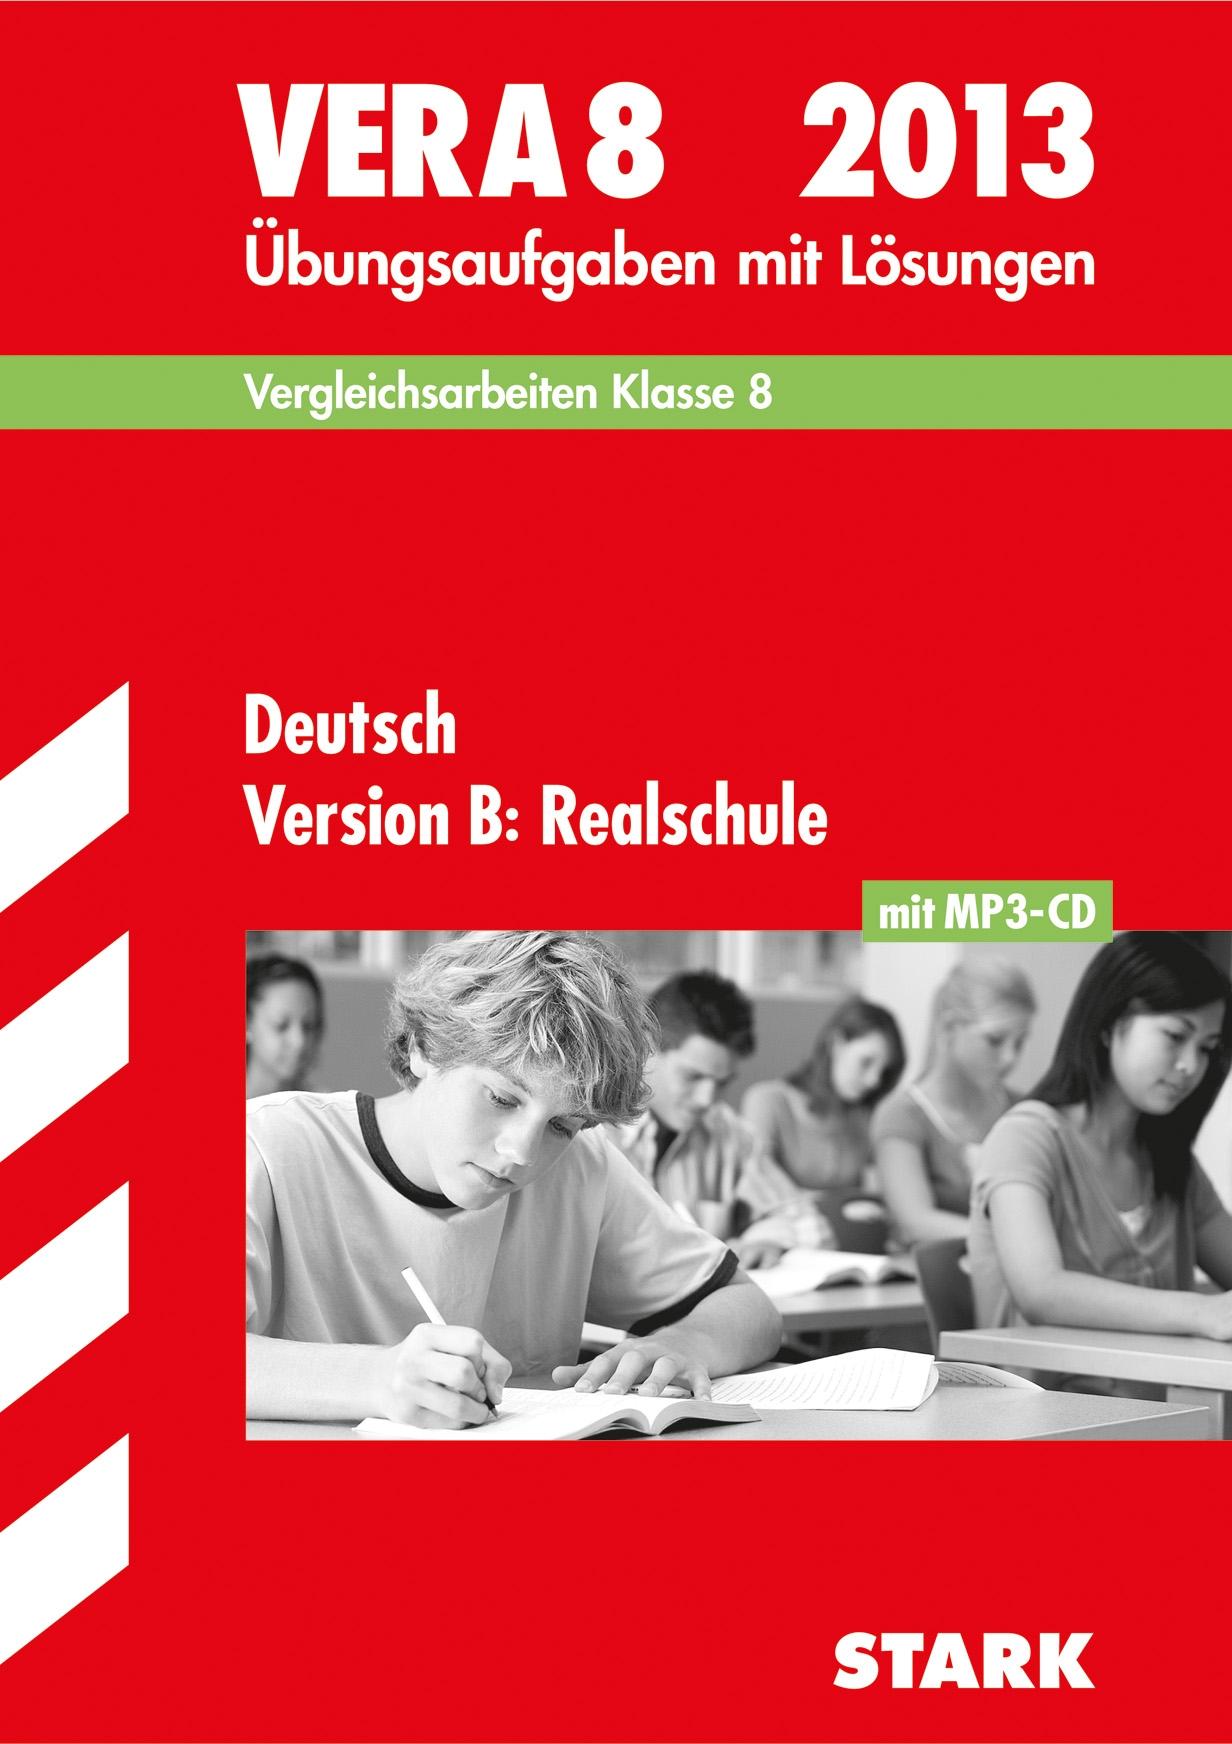 Vergleichsarbeiten VERA 8. Klasse; Deutsch Version B: Realschule 2013; Übungsaufgaben mit Lösungen.